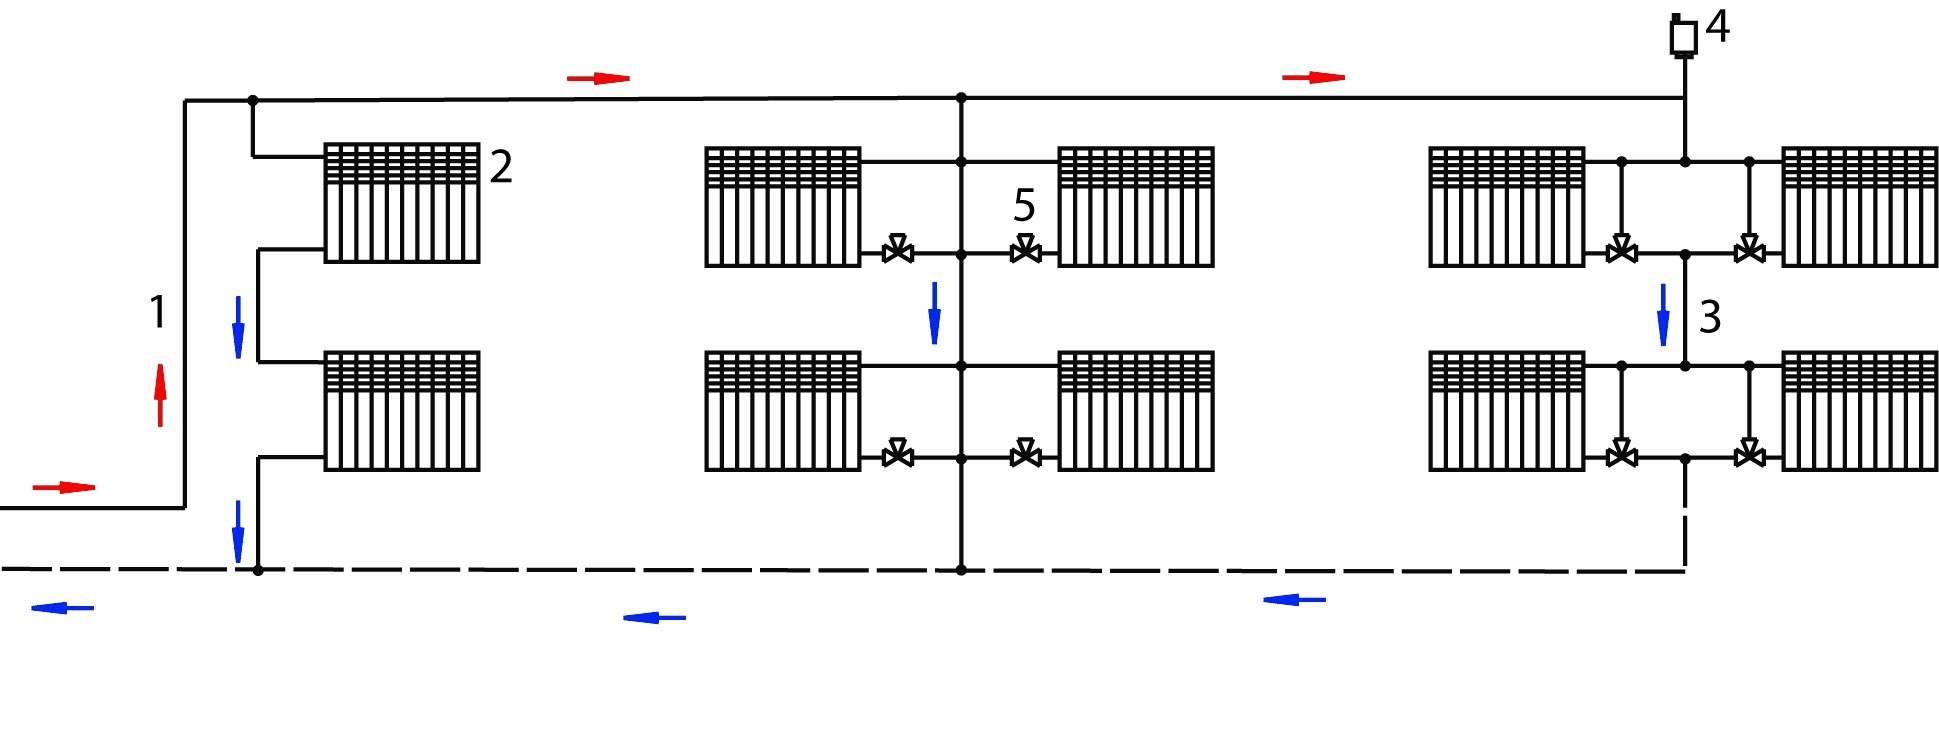 Устройство и схема однотрубной системы отопления с нижней разводкой